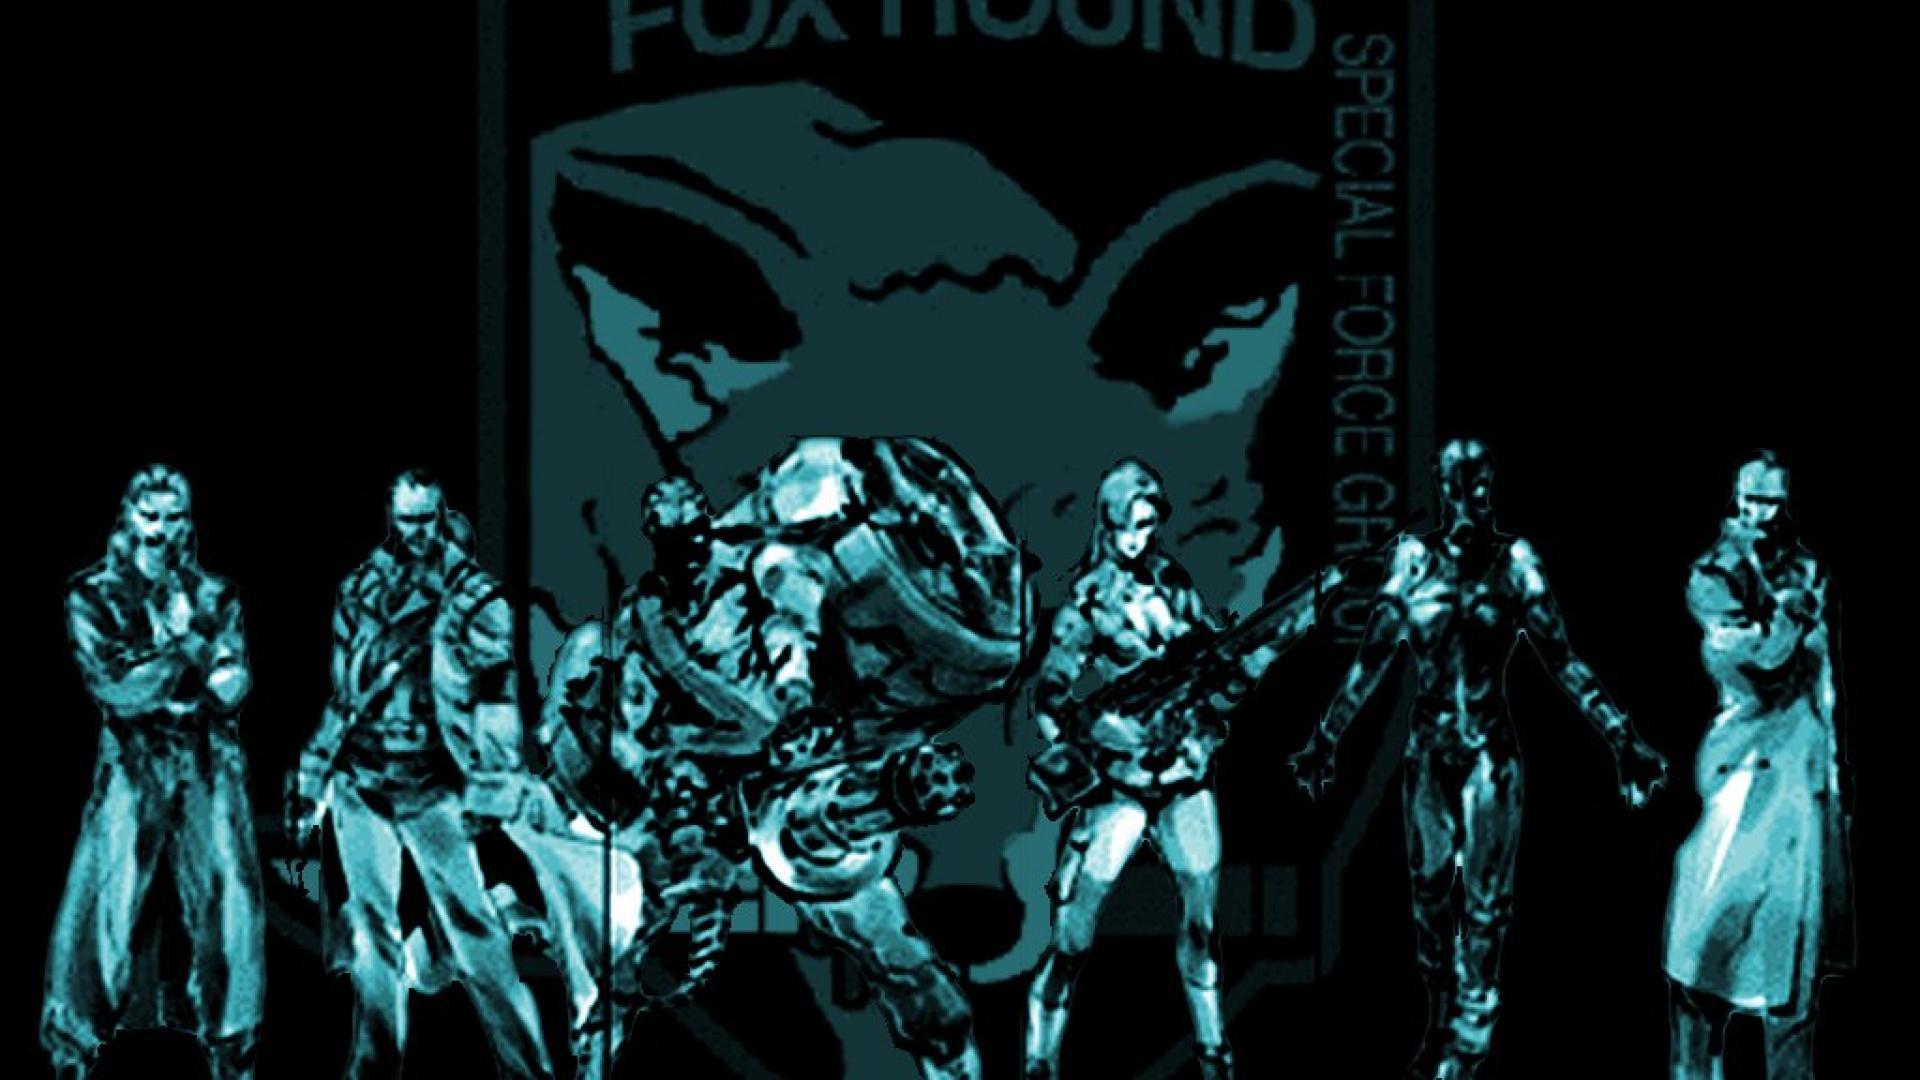 Metal Gear Wallpaper Hd - HD Wallpaper